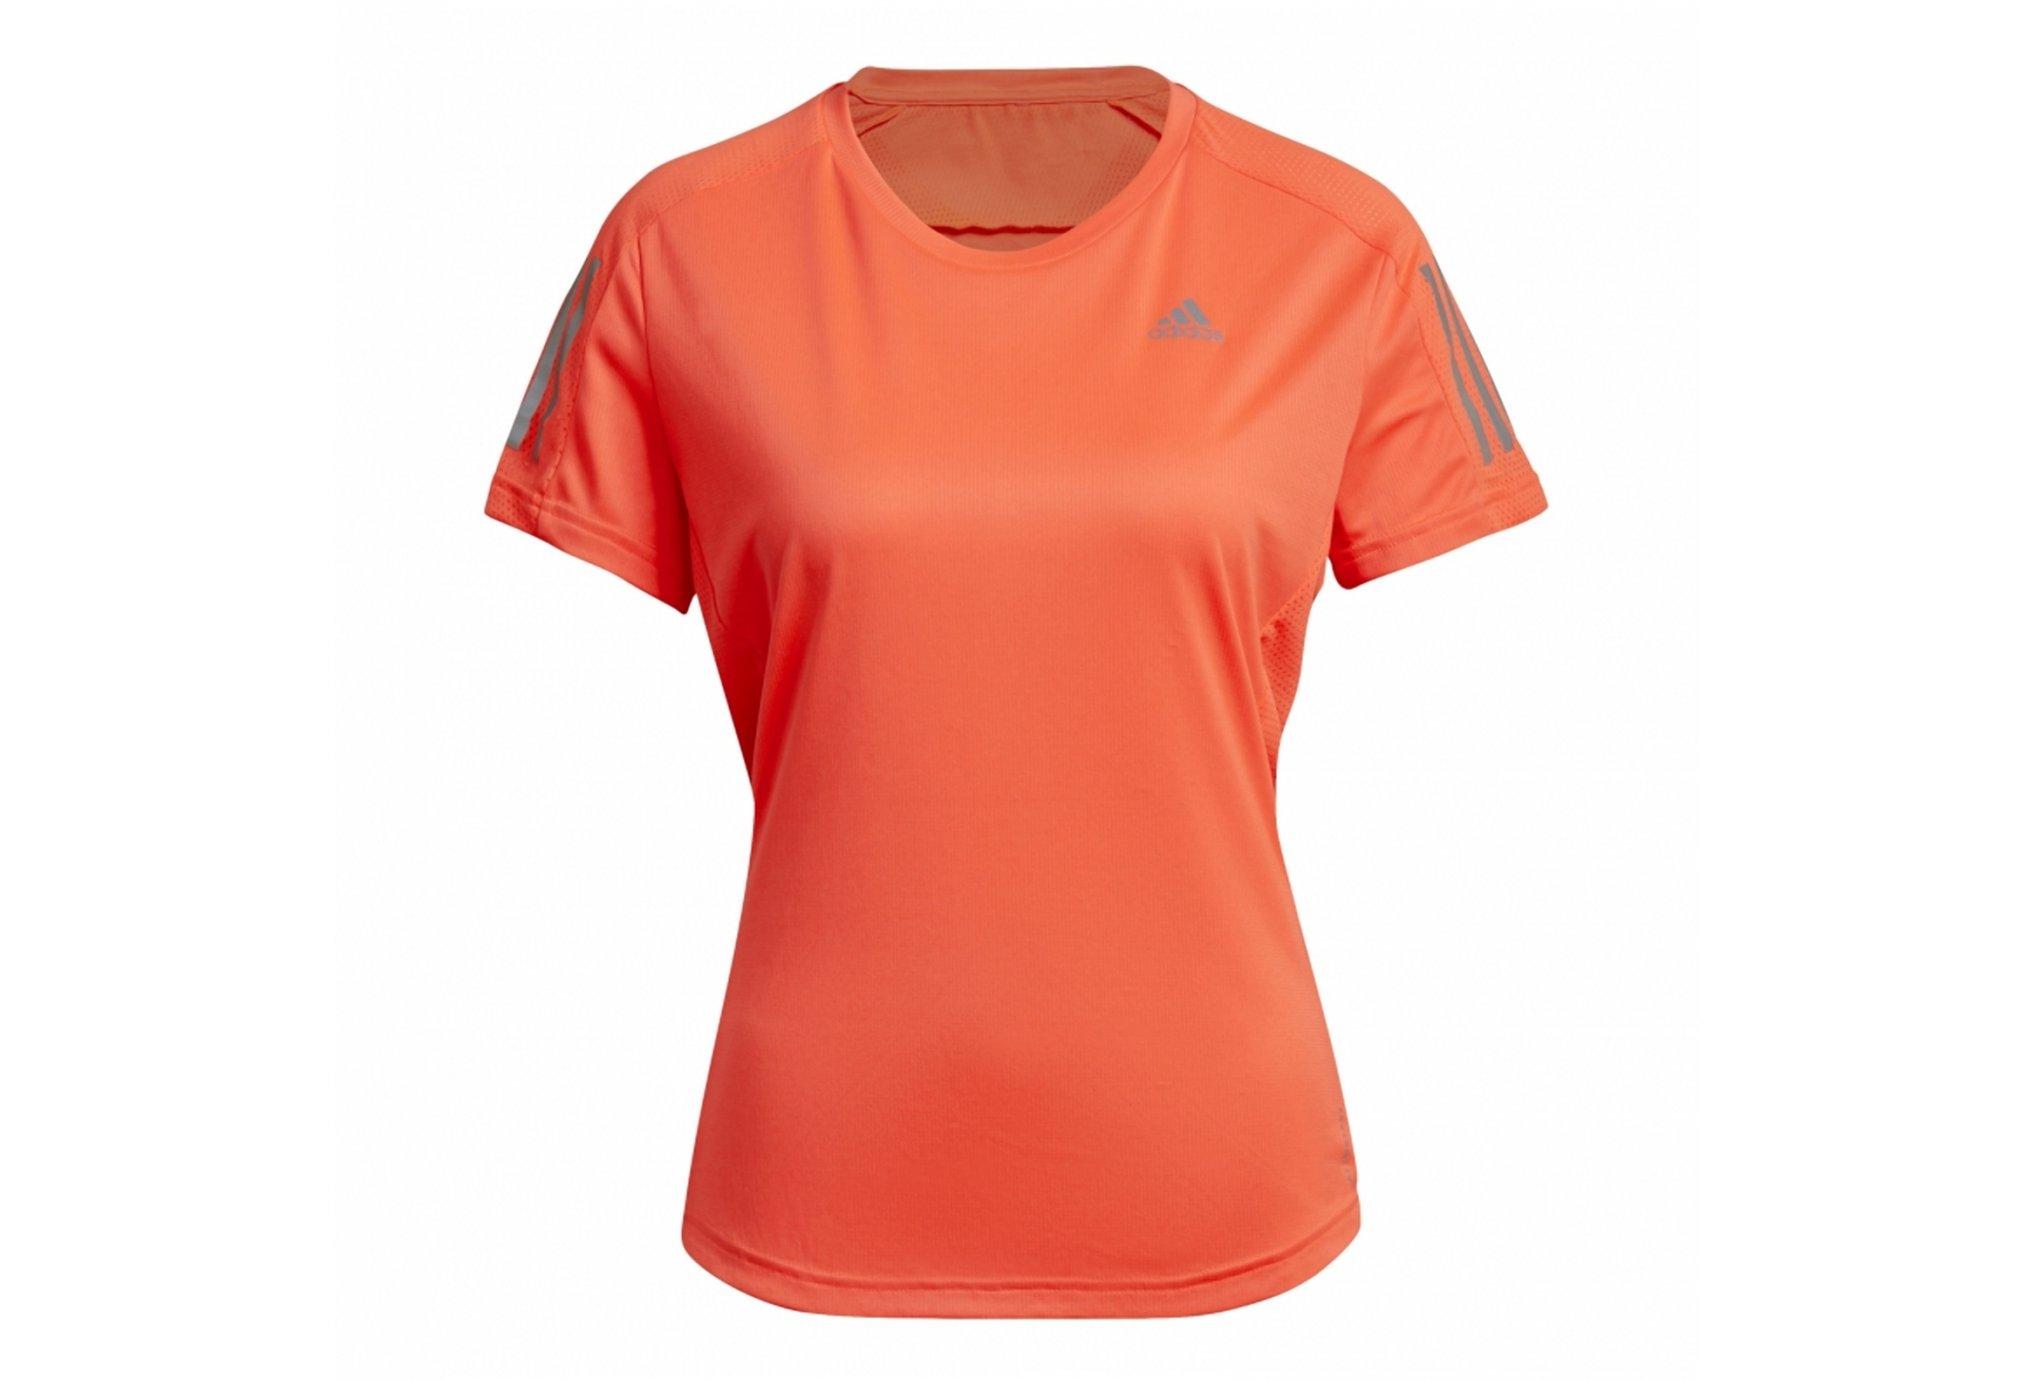 adidas Own The Run Primegreen W vêtement running femme